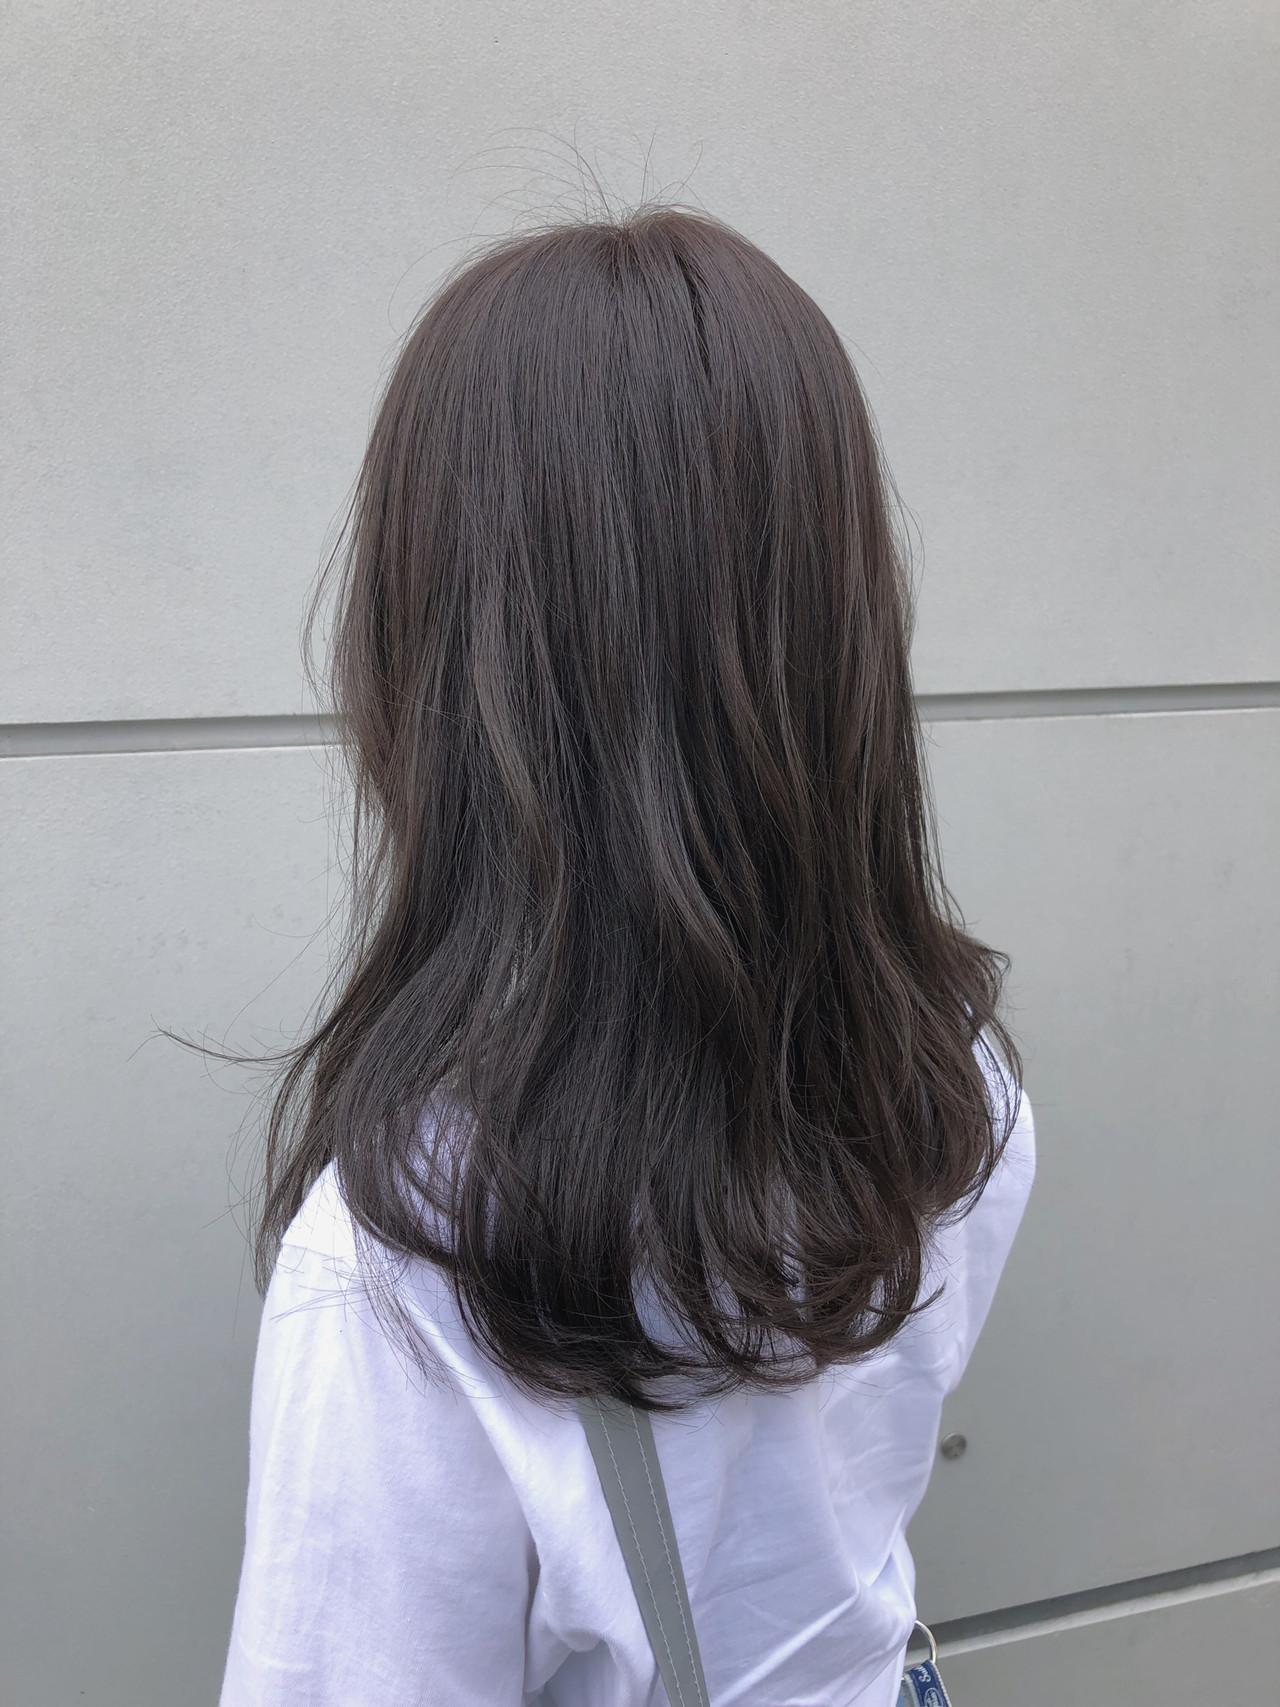 ミディアムレイヤー 大人かわいい ミディアム ナチュラル ヘアスタイルや髪型の写真・画像 | 北里和哉 / far beyond